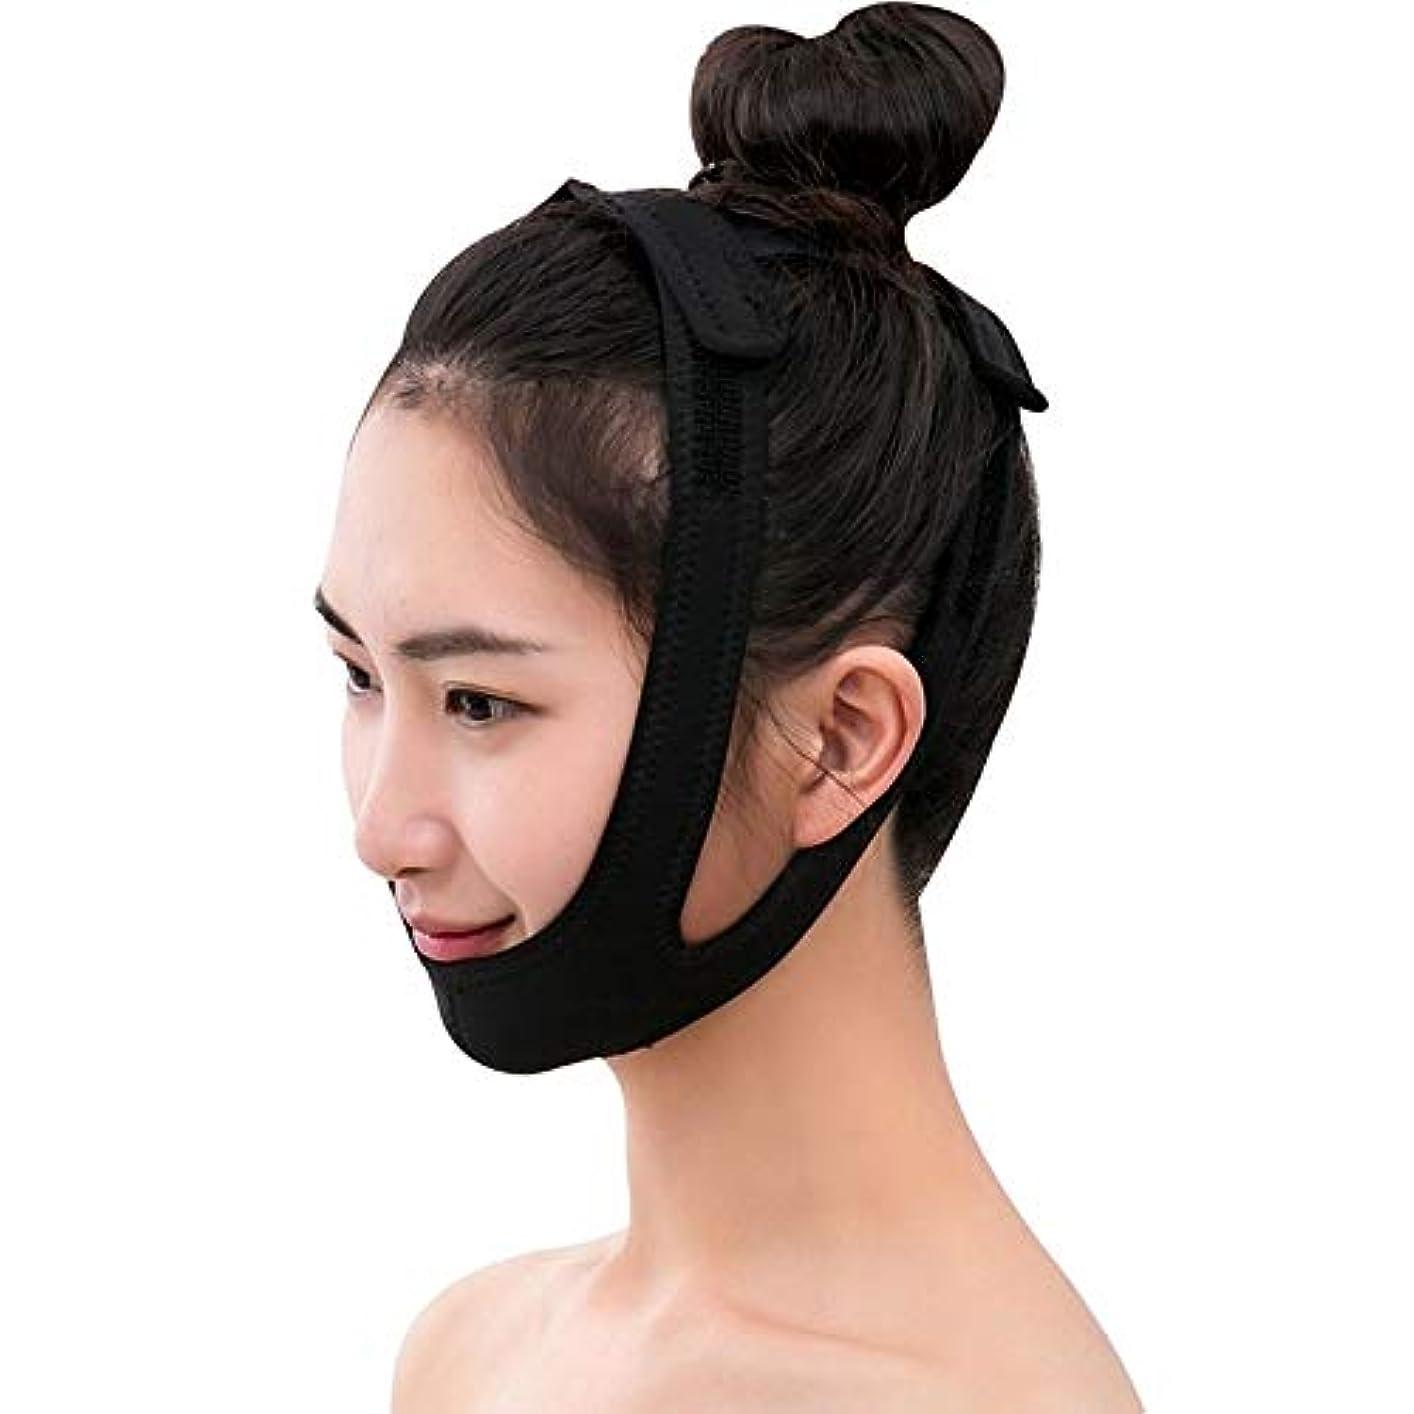 すべてアクティビティ暴力的なGYZ 強力なフェイスリフトアーチファクト術後回復ライン彫刻フェイシャルリフト睡眠リフティングフェイス引き締めVフェイス包帯 - 黒 Thin Face Belt